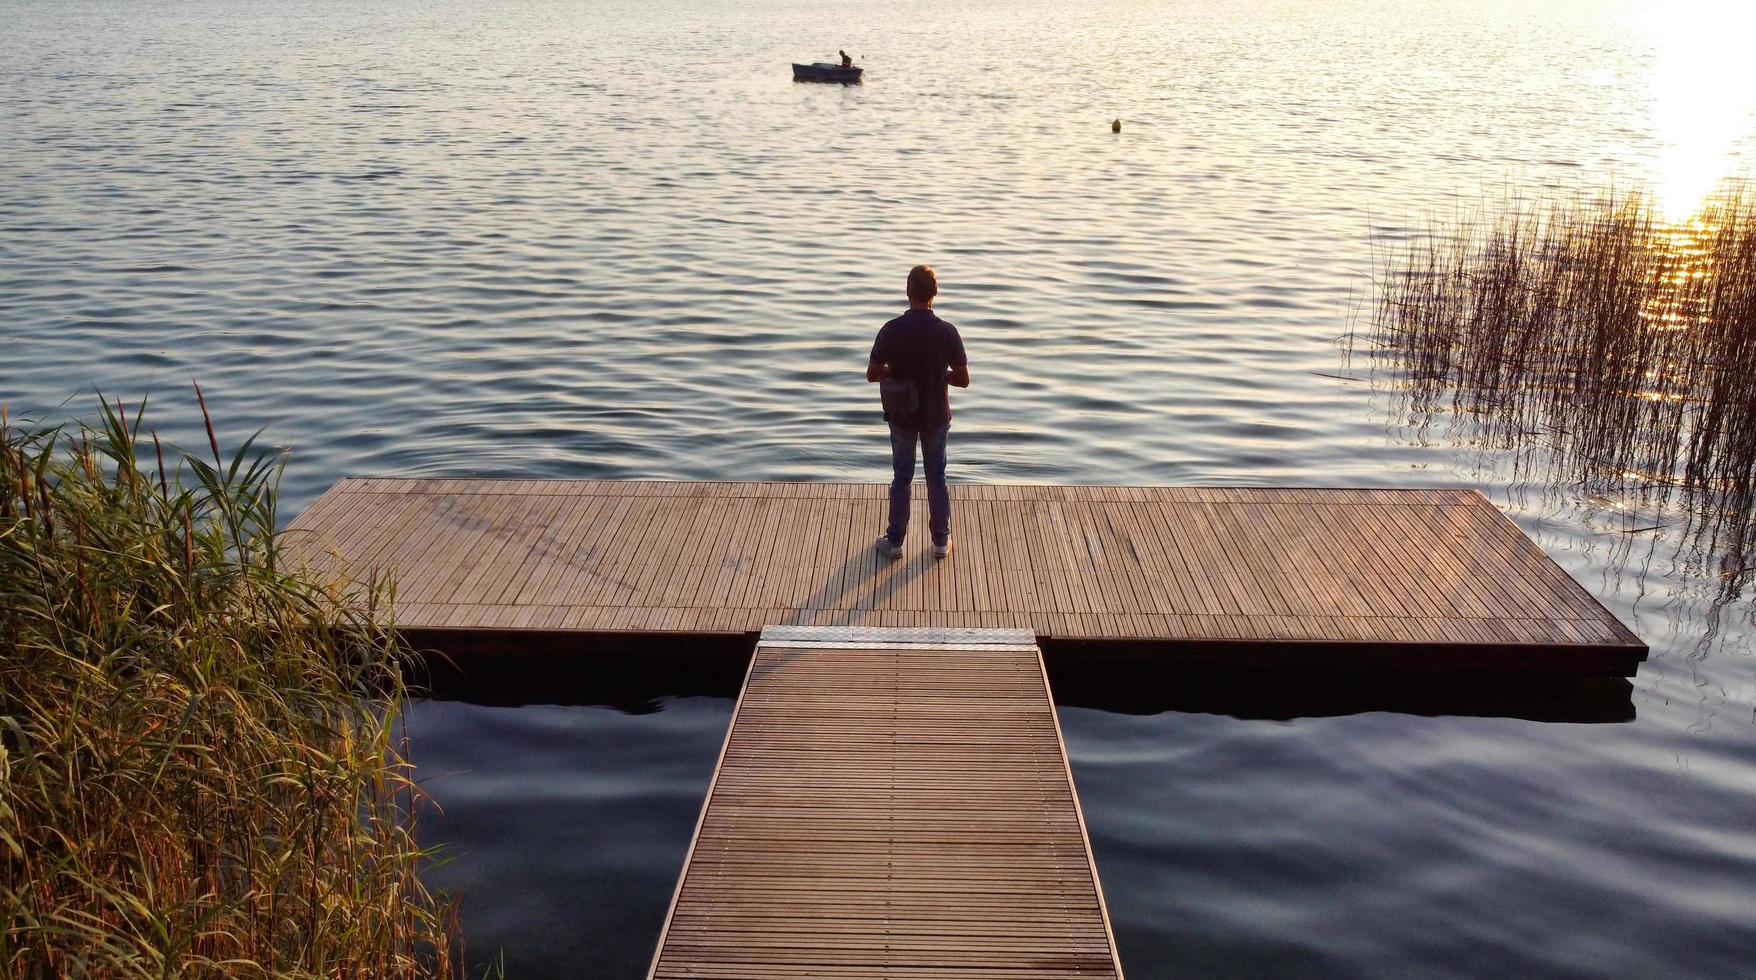 homme debout sur une jetée en bois photo